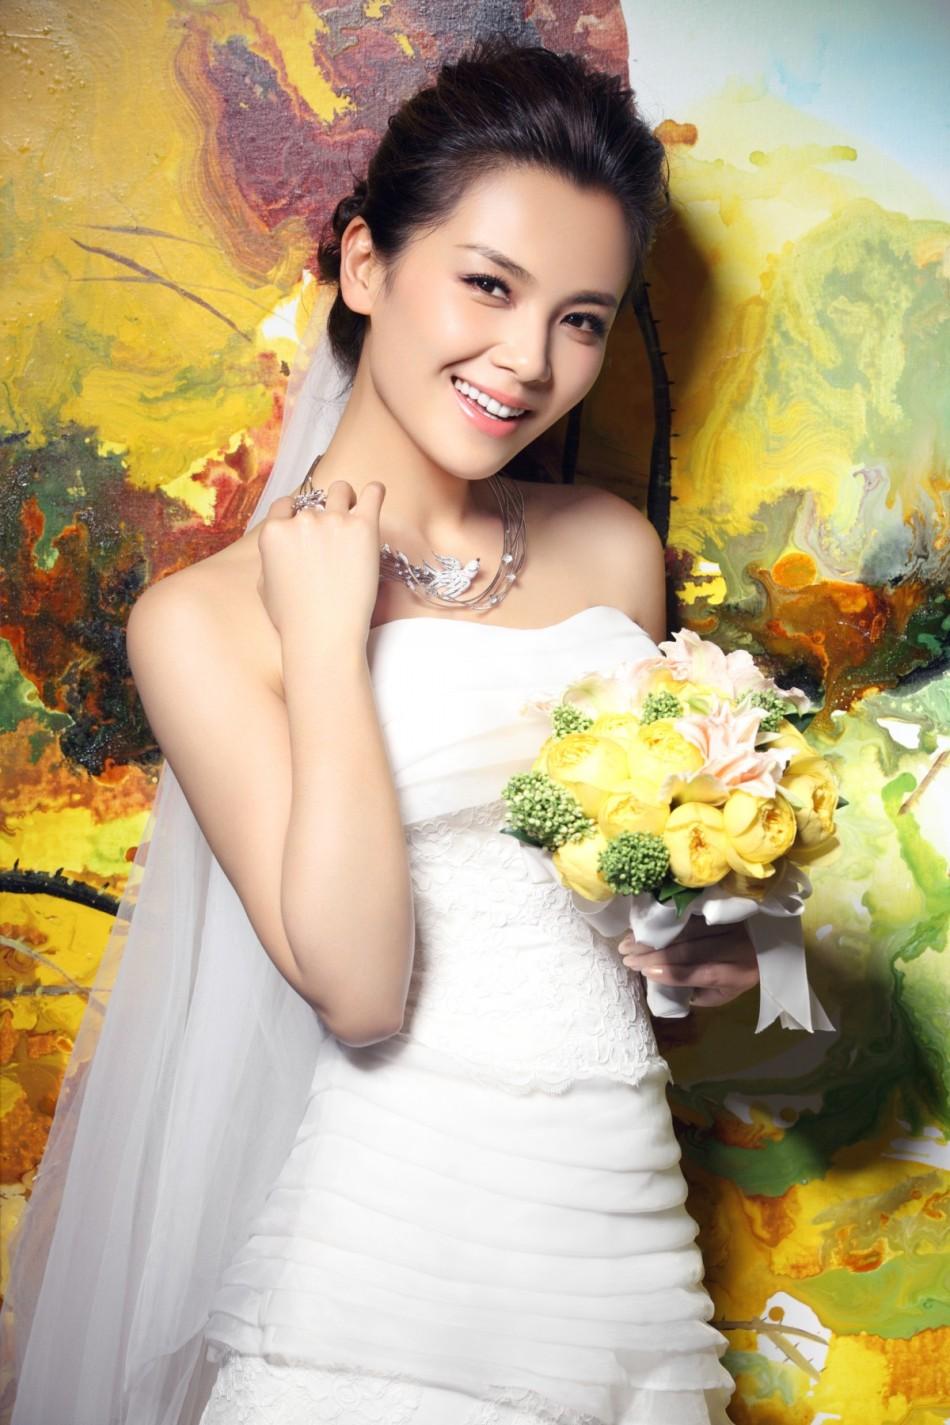 http://www.sinaimg.cn/dy/slidenews/4_img/2013_18/704_955233_564274.jpg